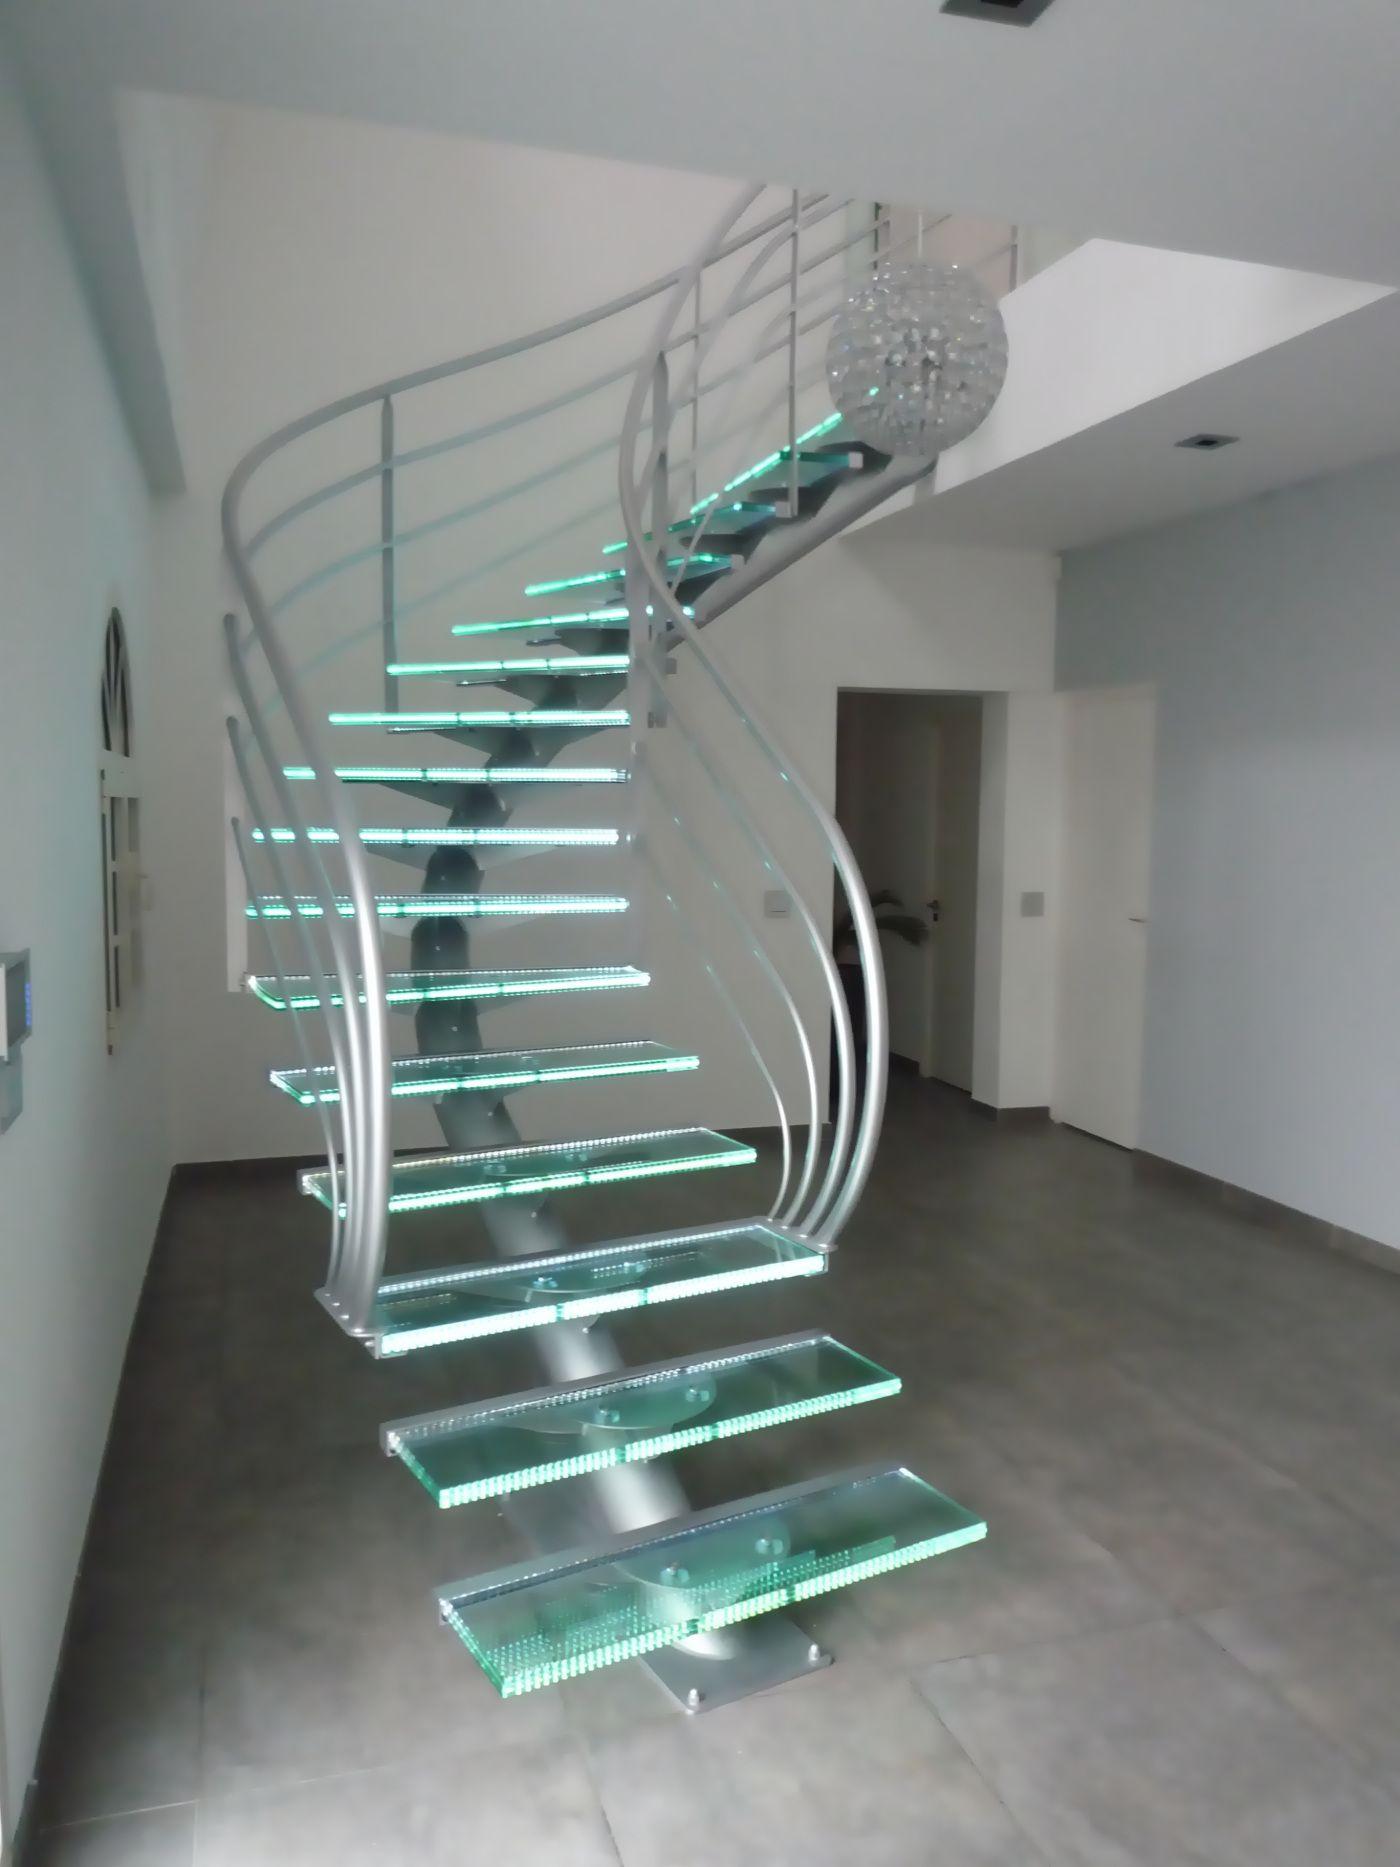 Escalier design en métal et verre dessiné par Jean Luc Chevallier ...